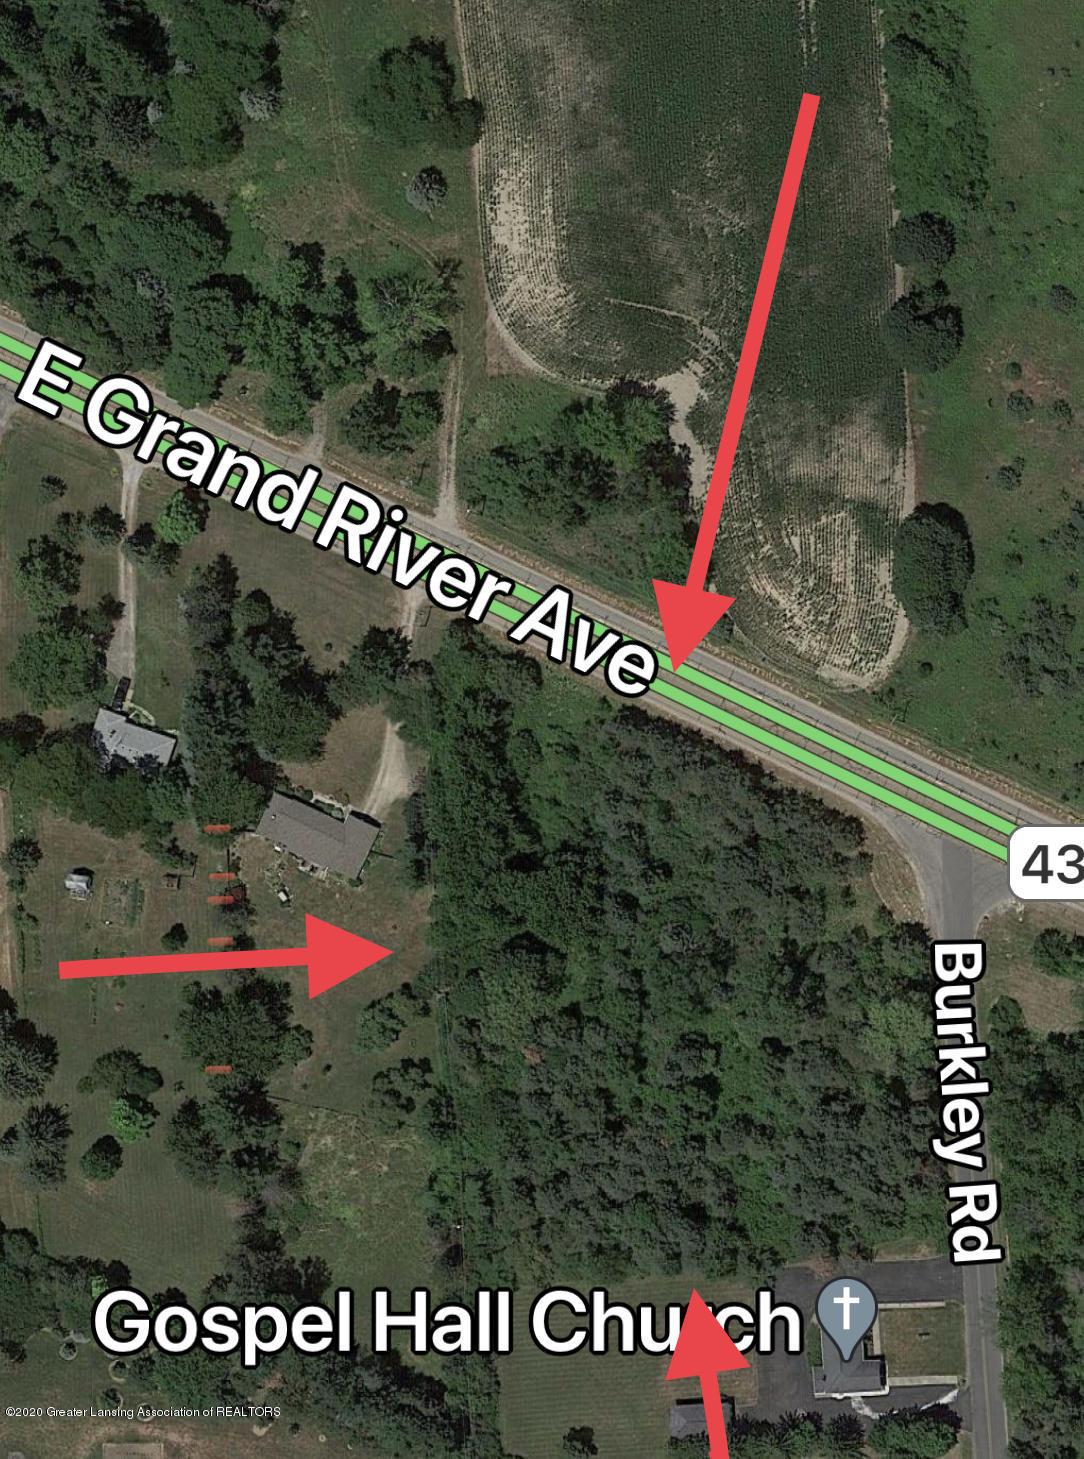 450 E Grand River Ave - Pic 1 - 1